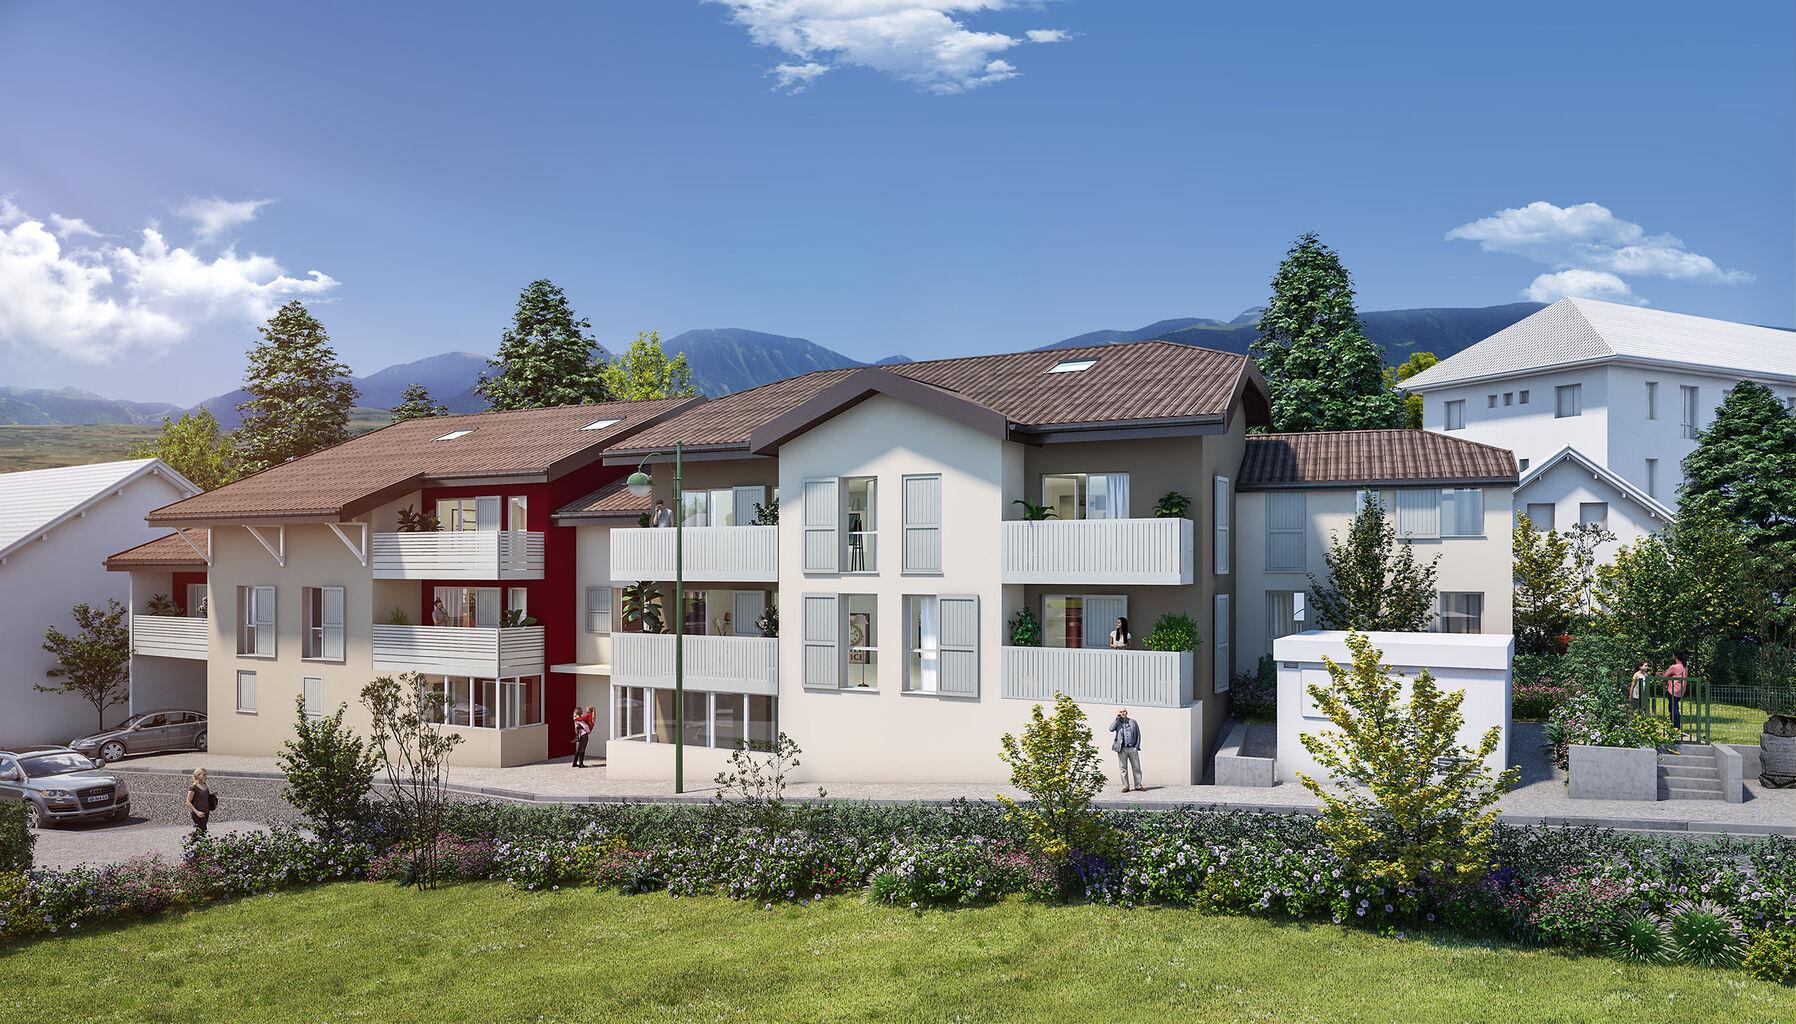 Programme immobilier VAL152 appartement à Thonon les Bains (74200) Dans un quartier résidentiel